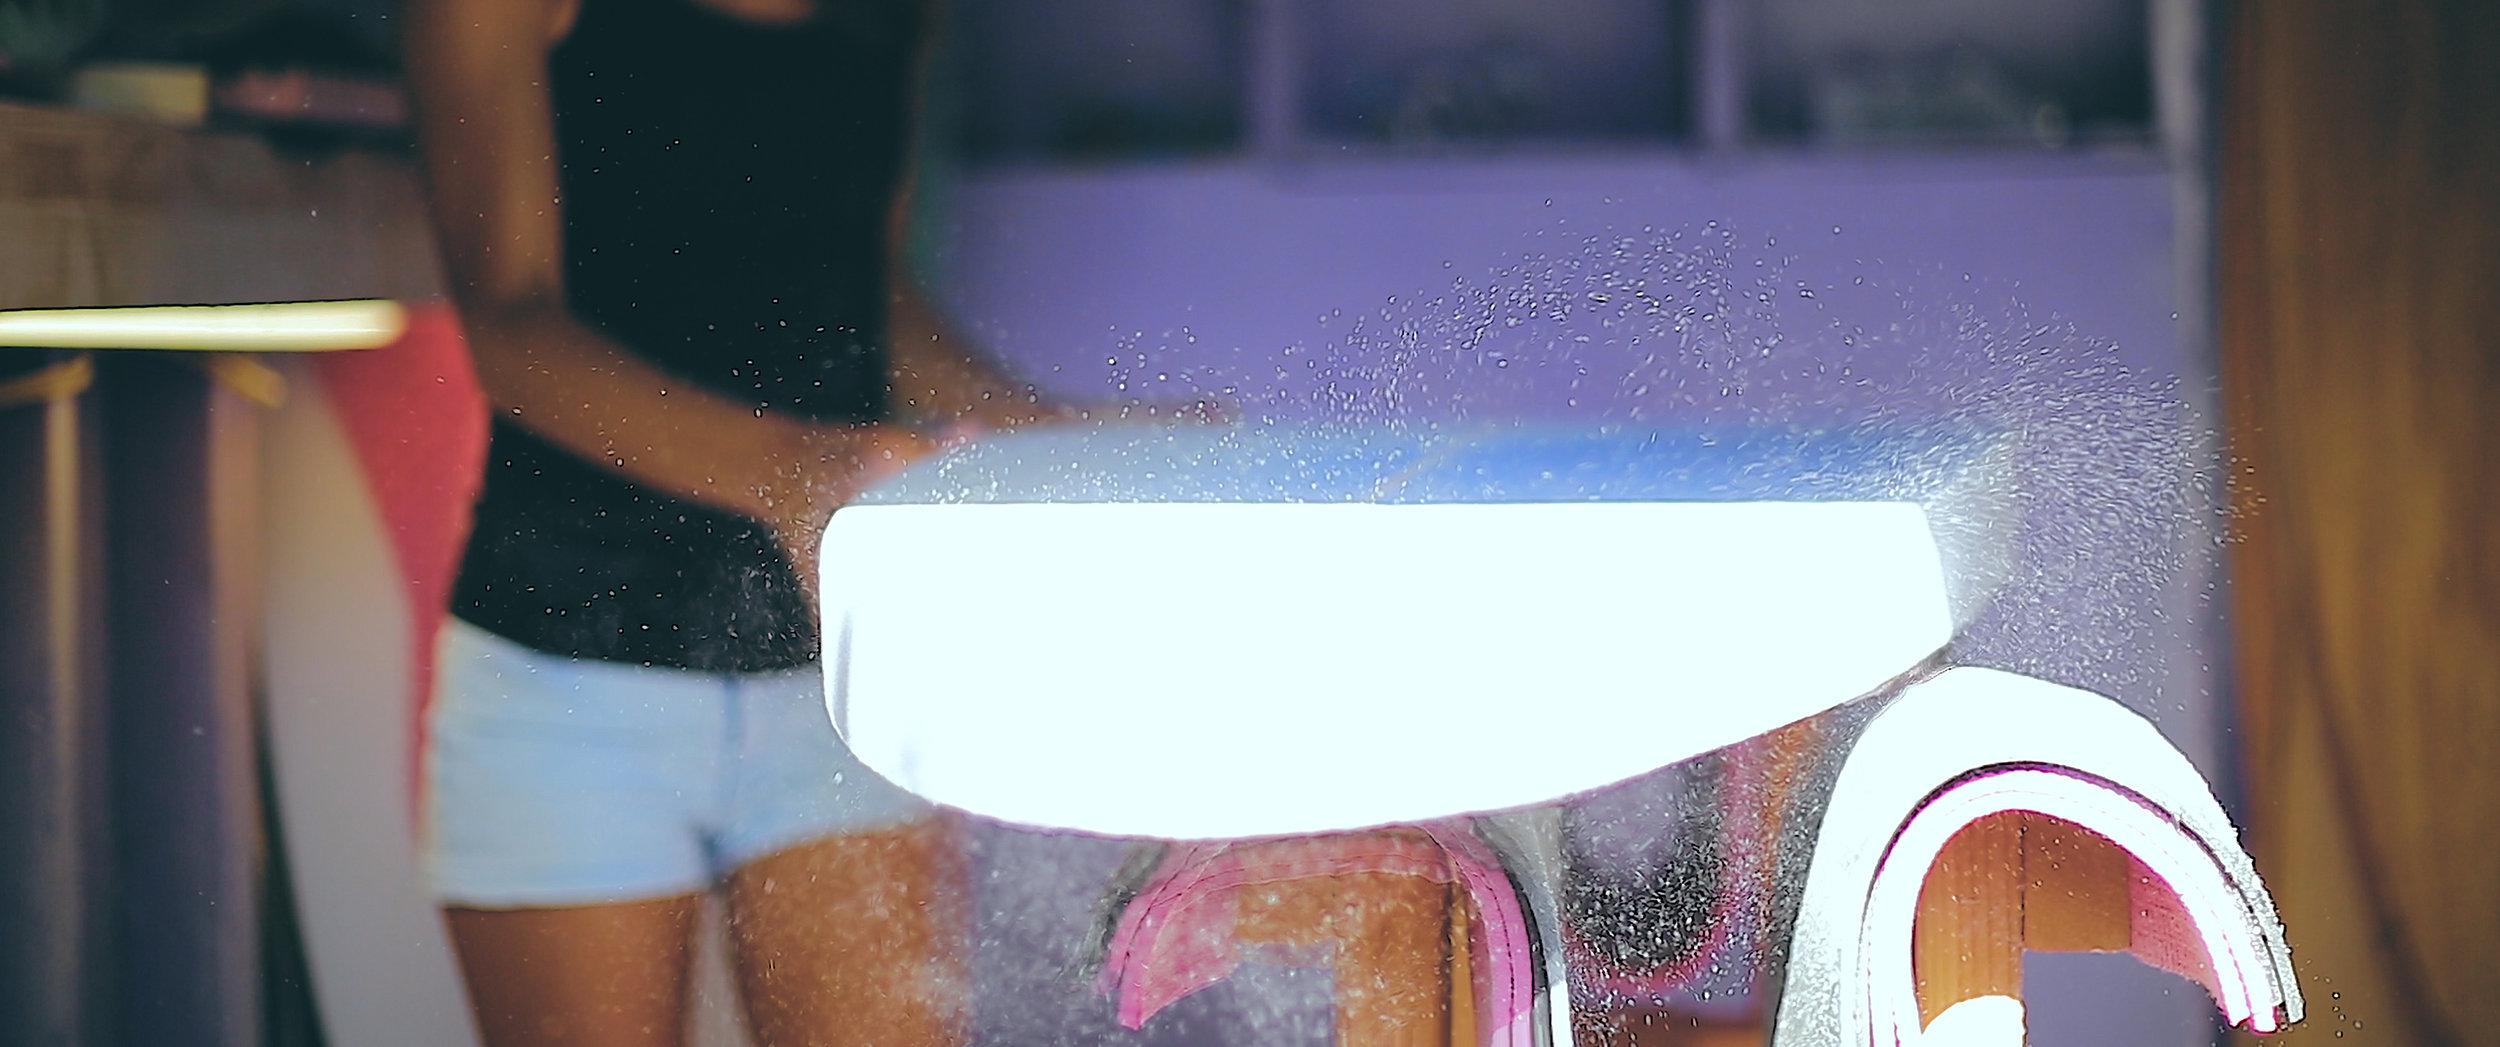 mere made surfboard_4K.00_00_42_05.Still005.jpg